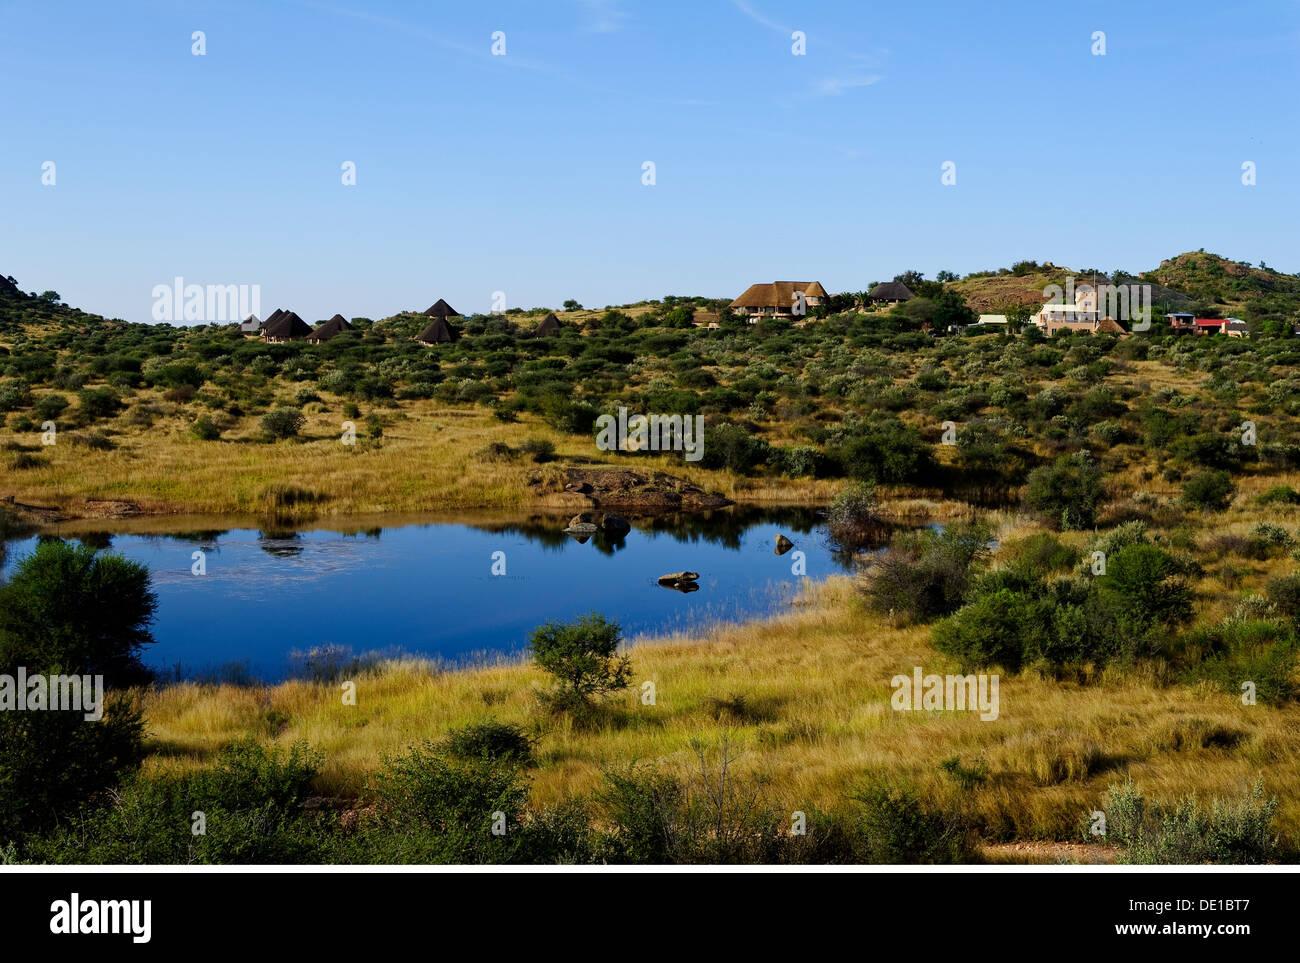 savanna grassland features